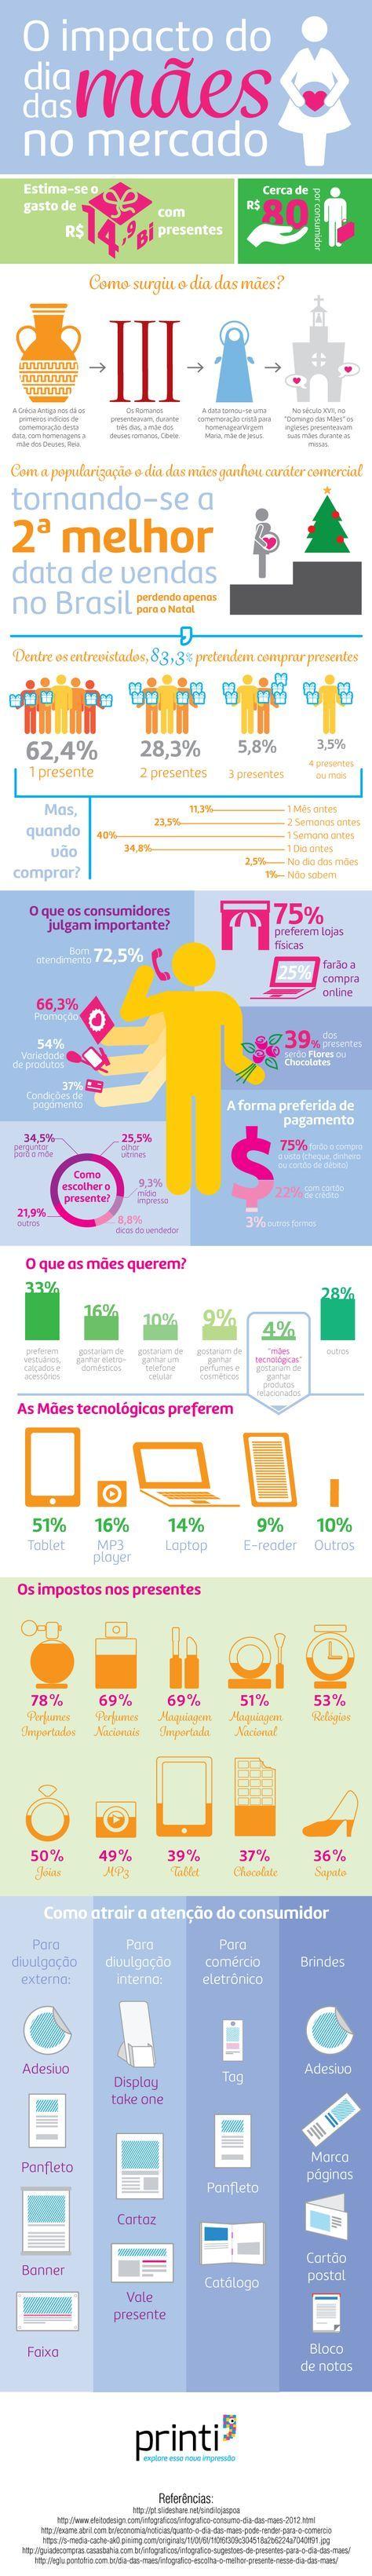 Este infográfico foi desenvolvido para apresentar aos proprietários de pequenas e médias empresas o impacto que o Dia das Mães tem no mercado, apresentando dados de intensão de compra, tributos e sugestões para ações de marketing e publicidade